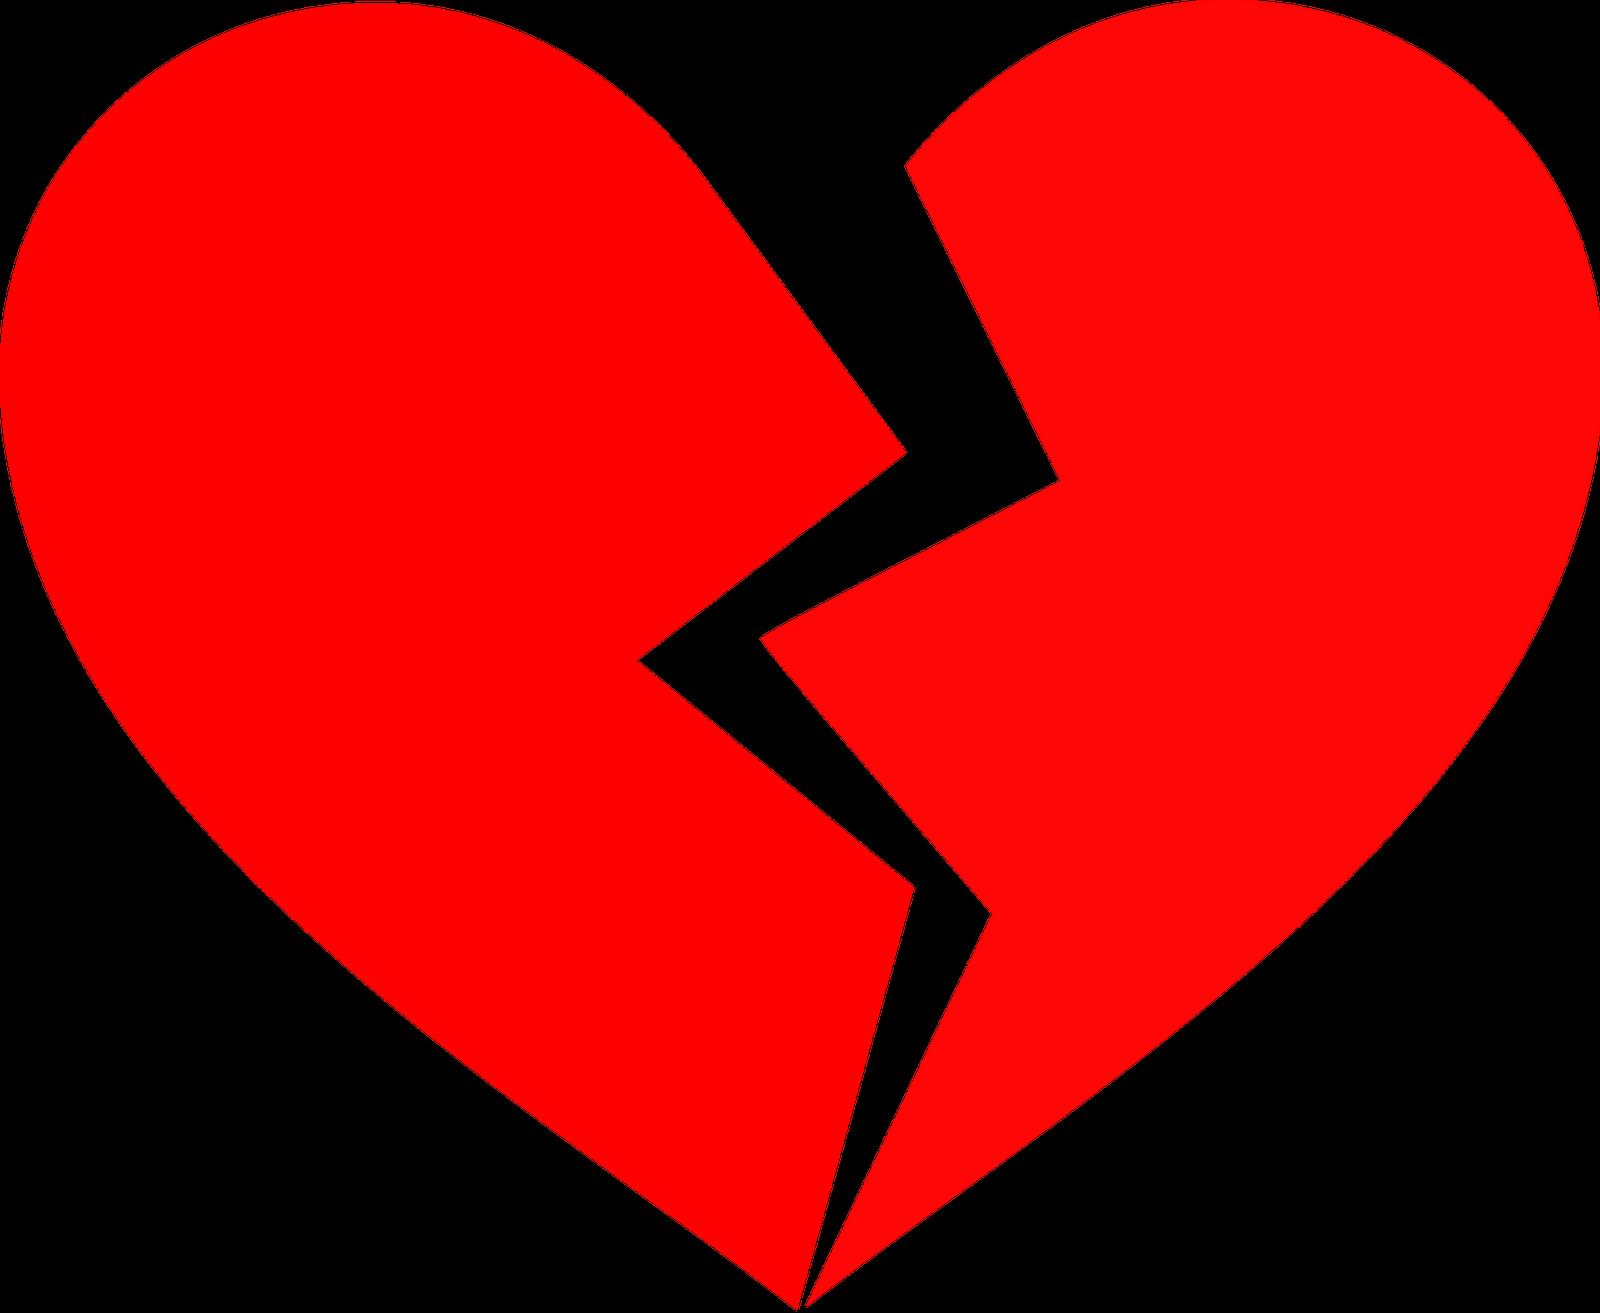 Heart broken. Heroic heartbroken heroism wiki